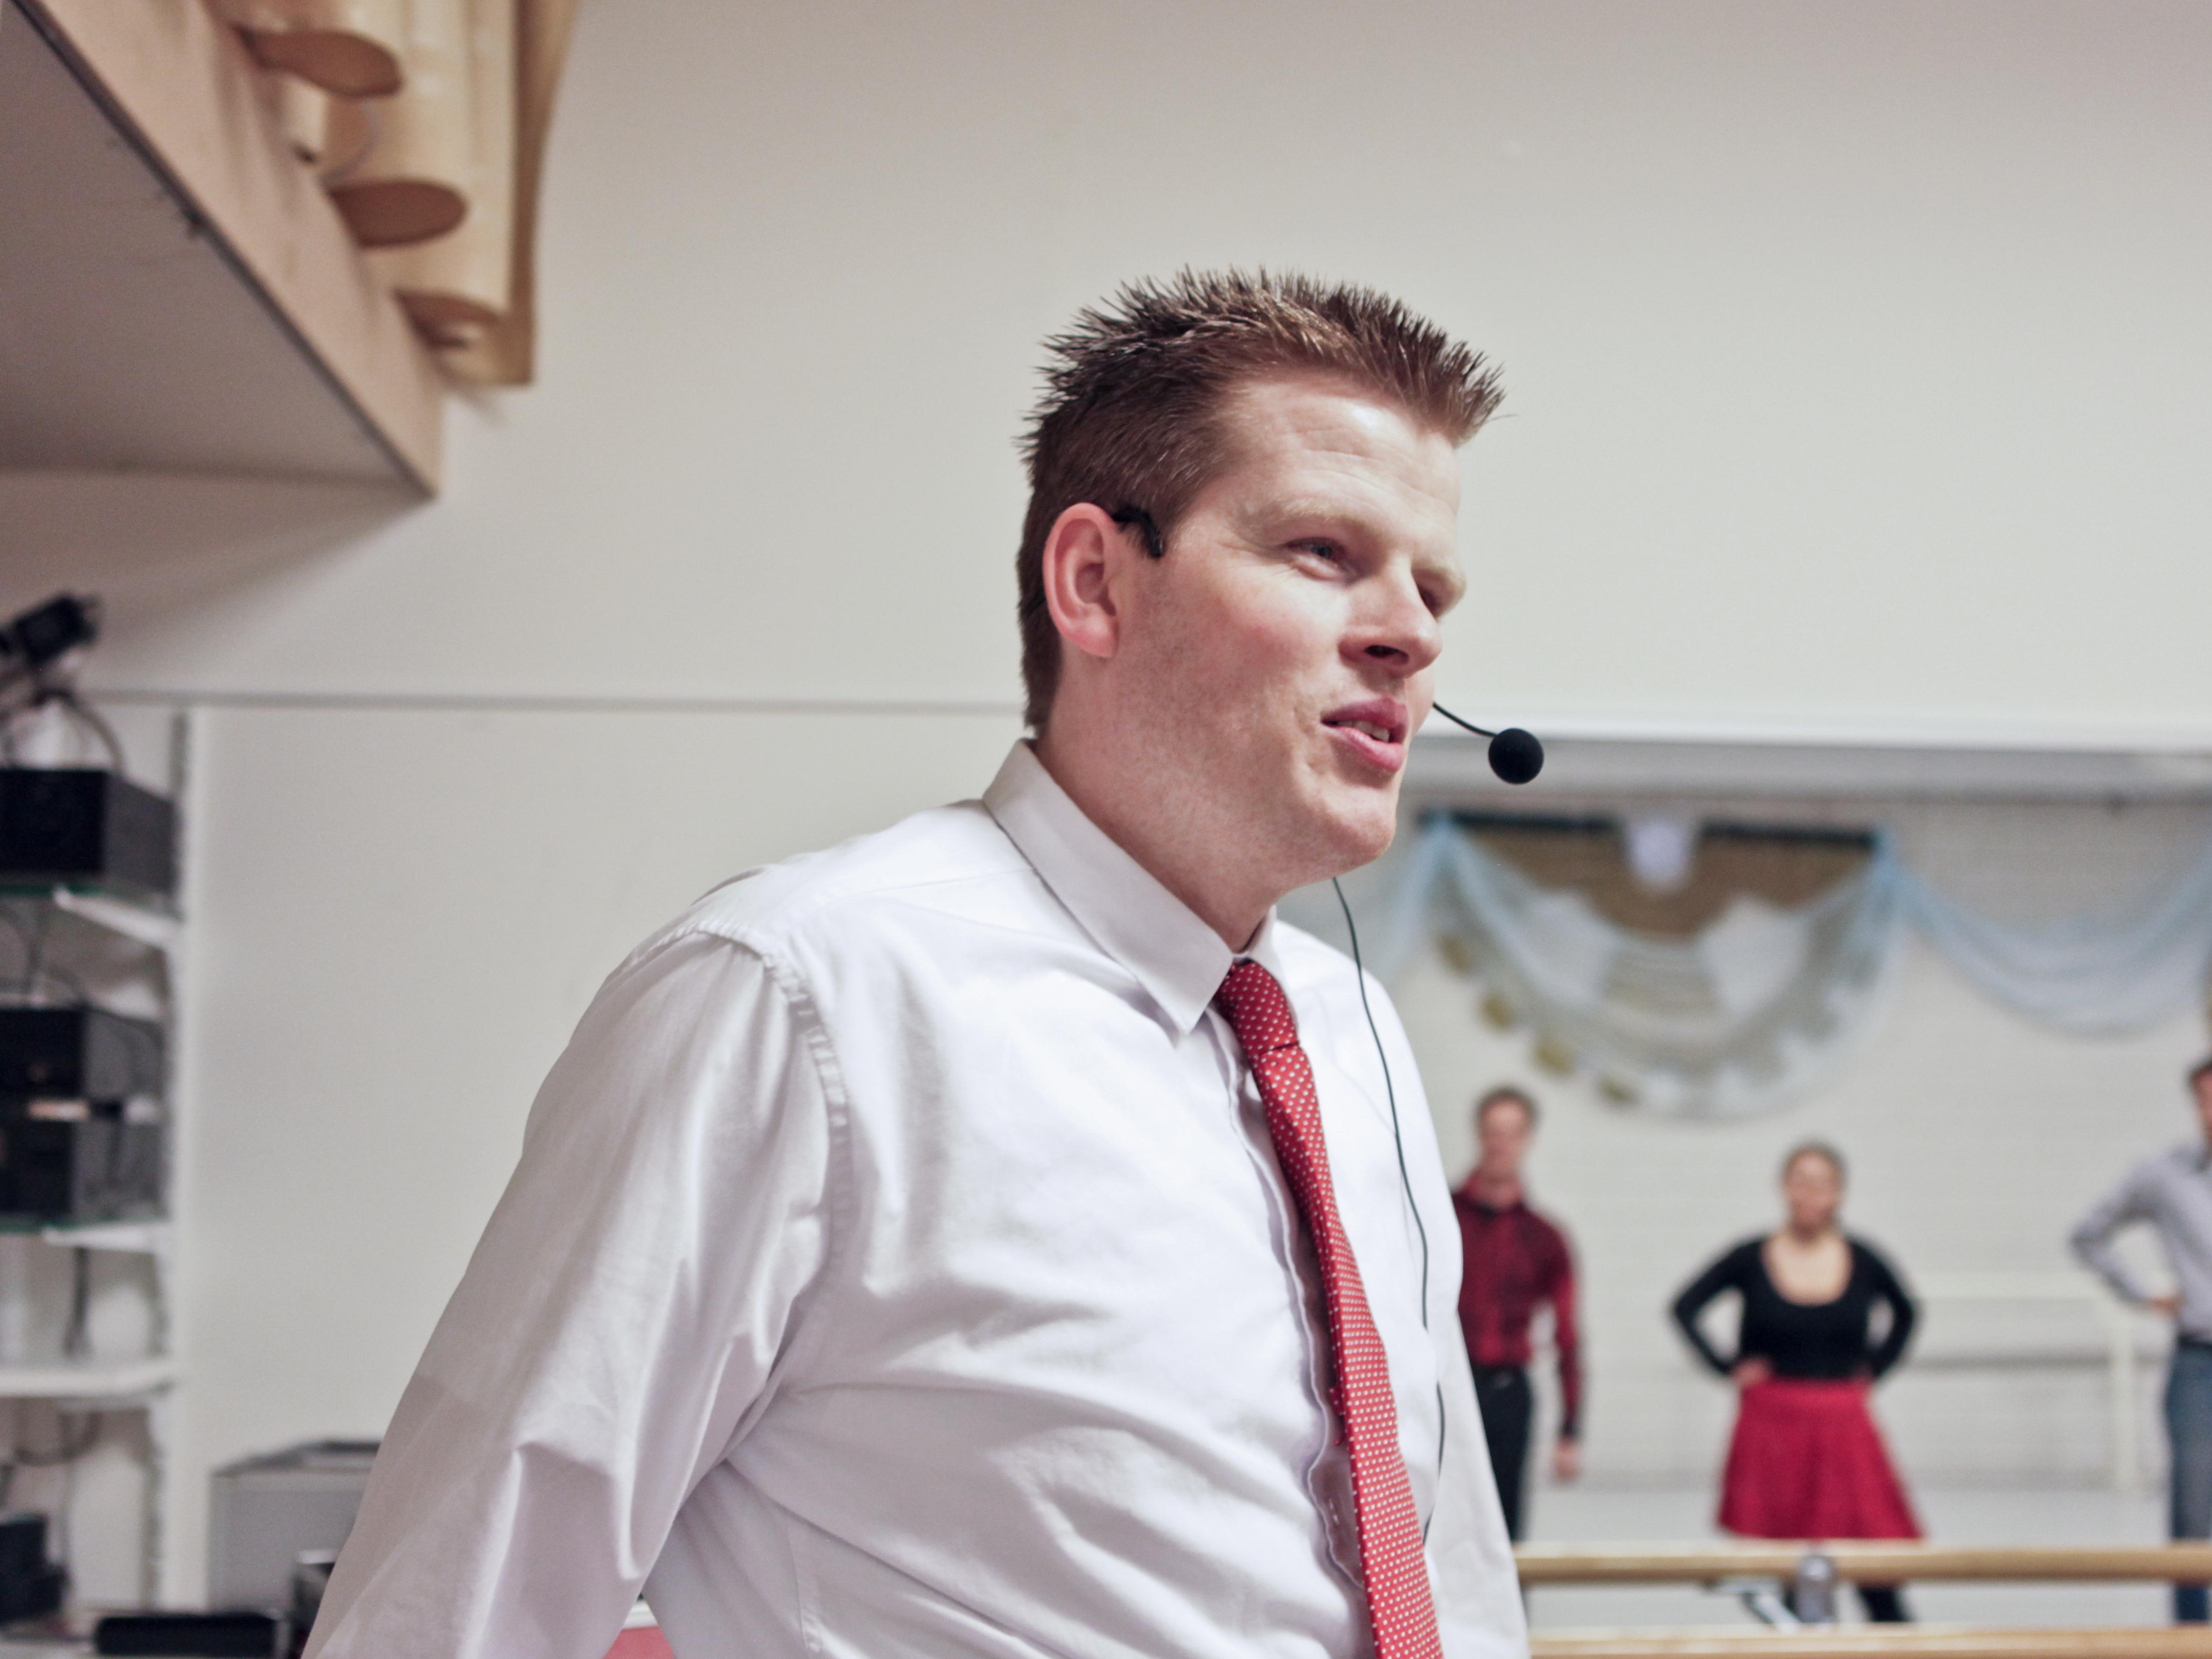 Dansleraar Ben van Zundert